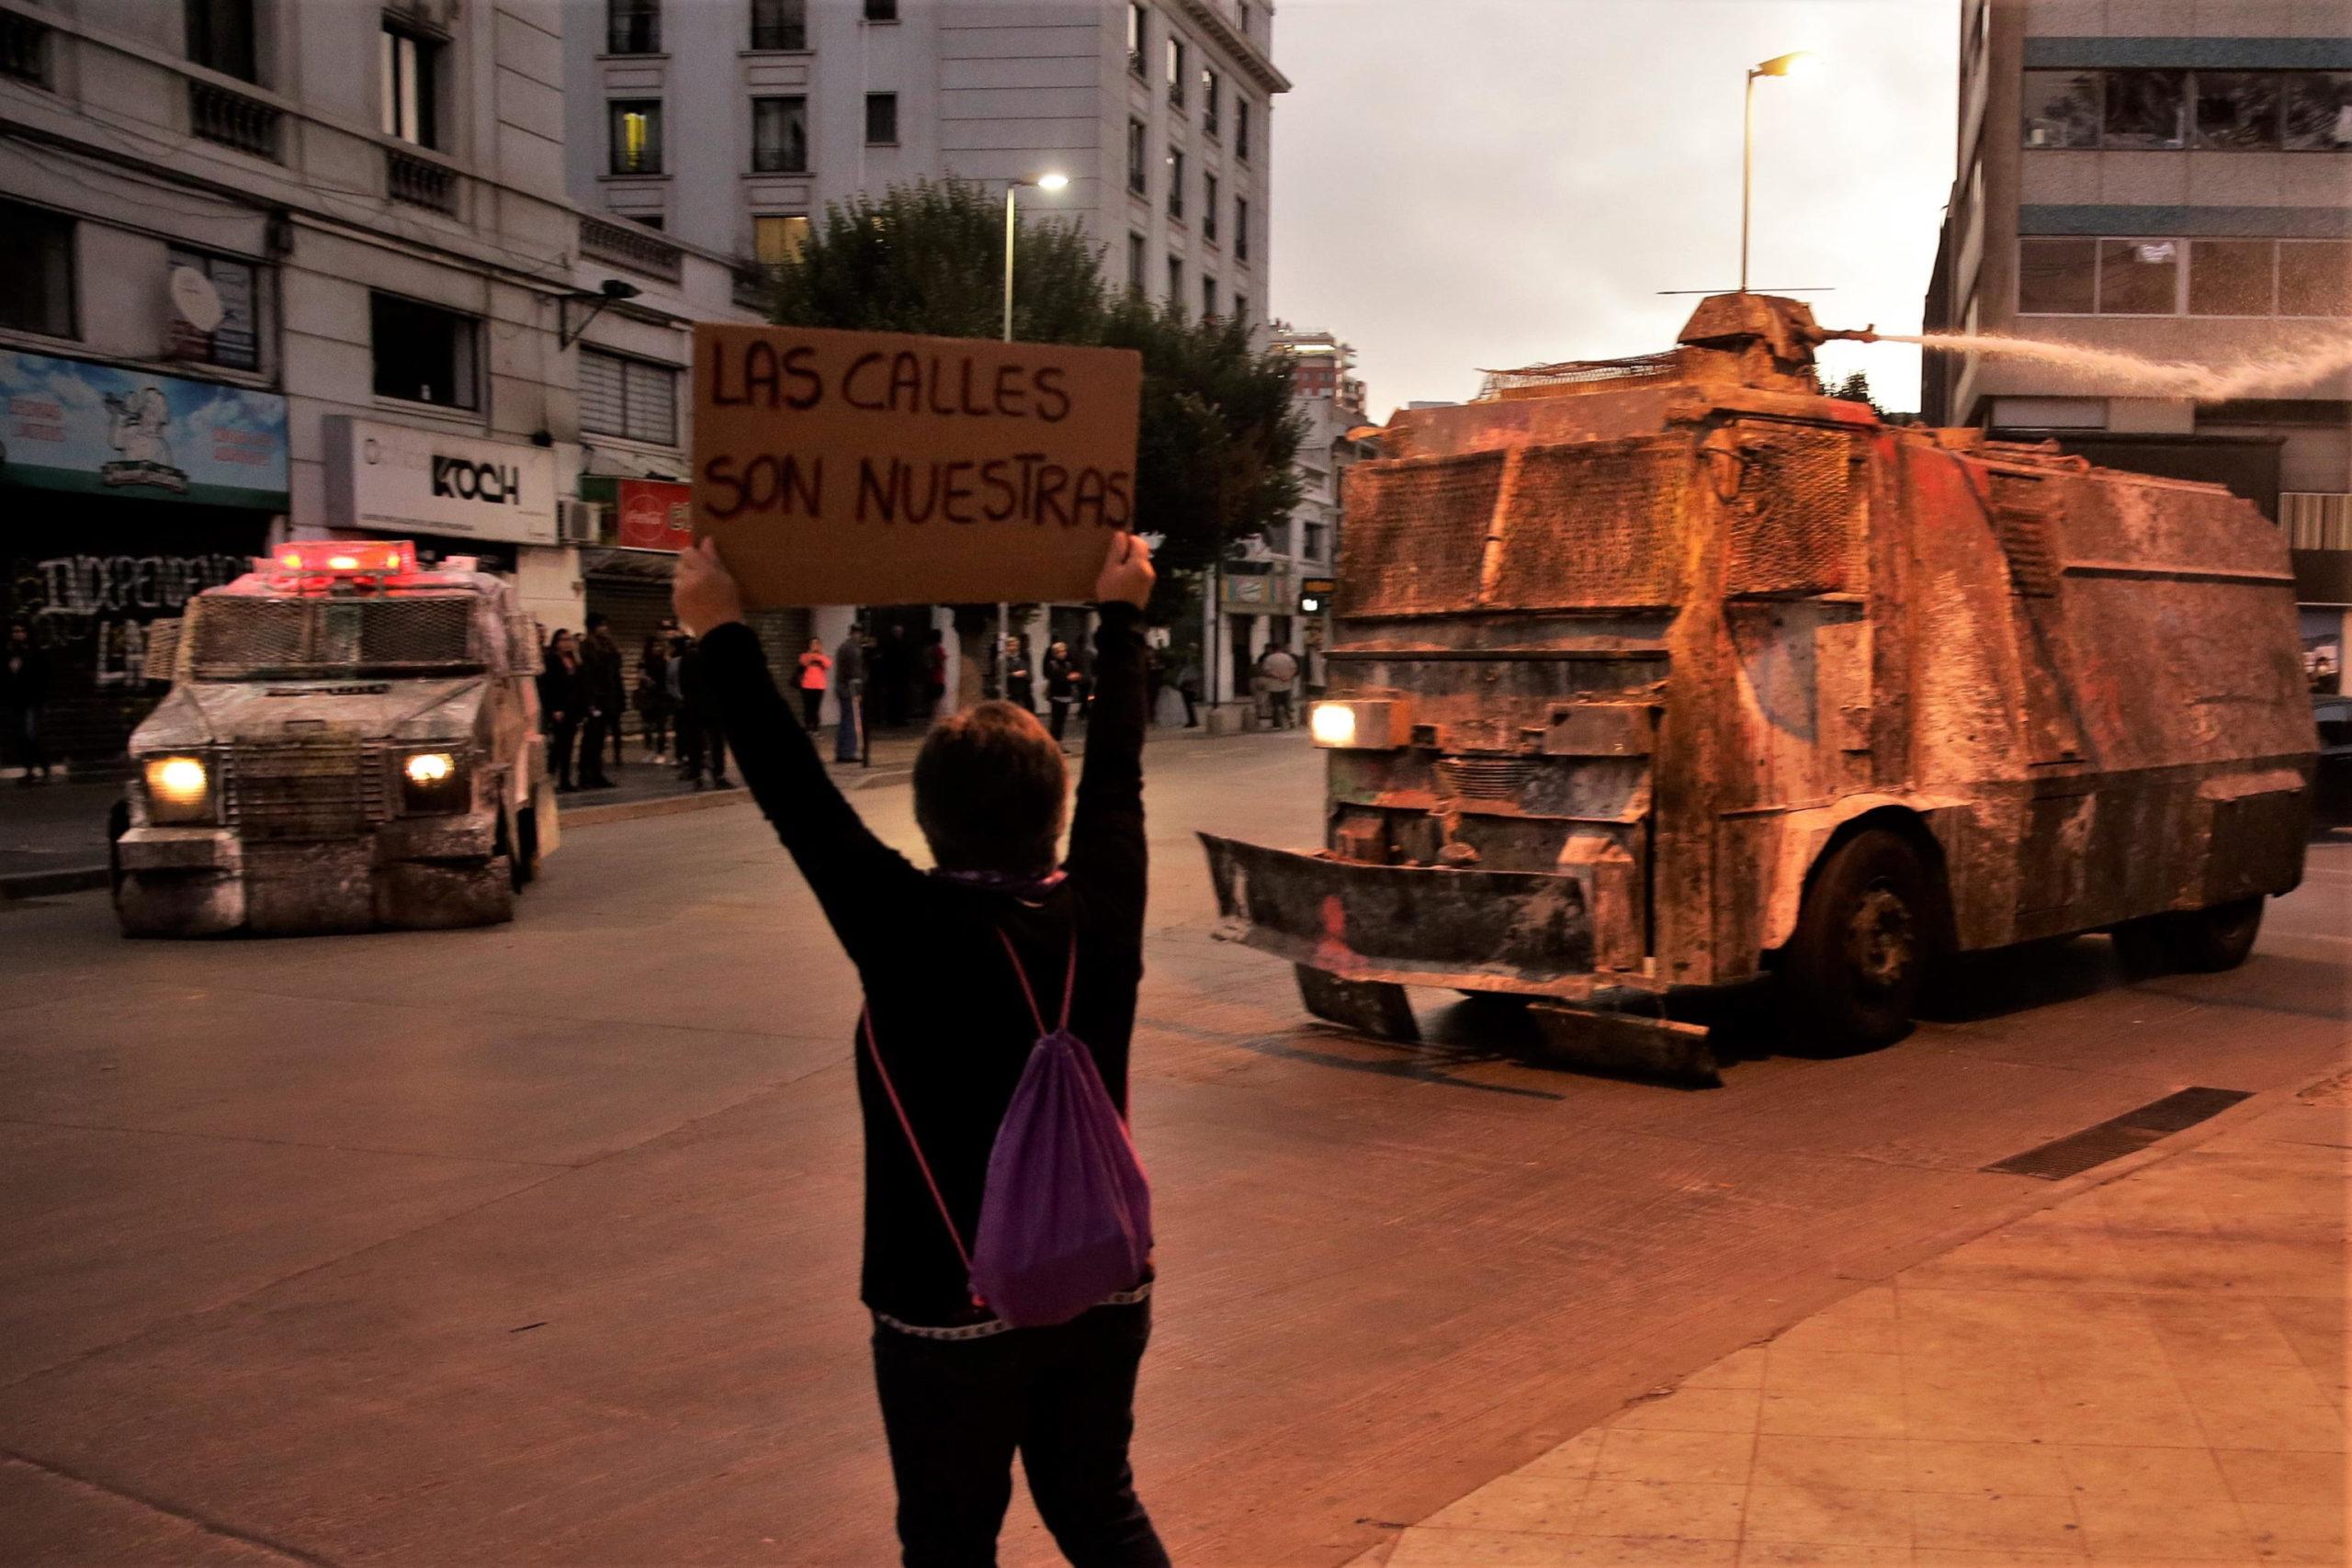 """Un manifestante espone un cartello contro i blindati della polizia: """"Le strade sono nostre"""""""